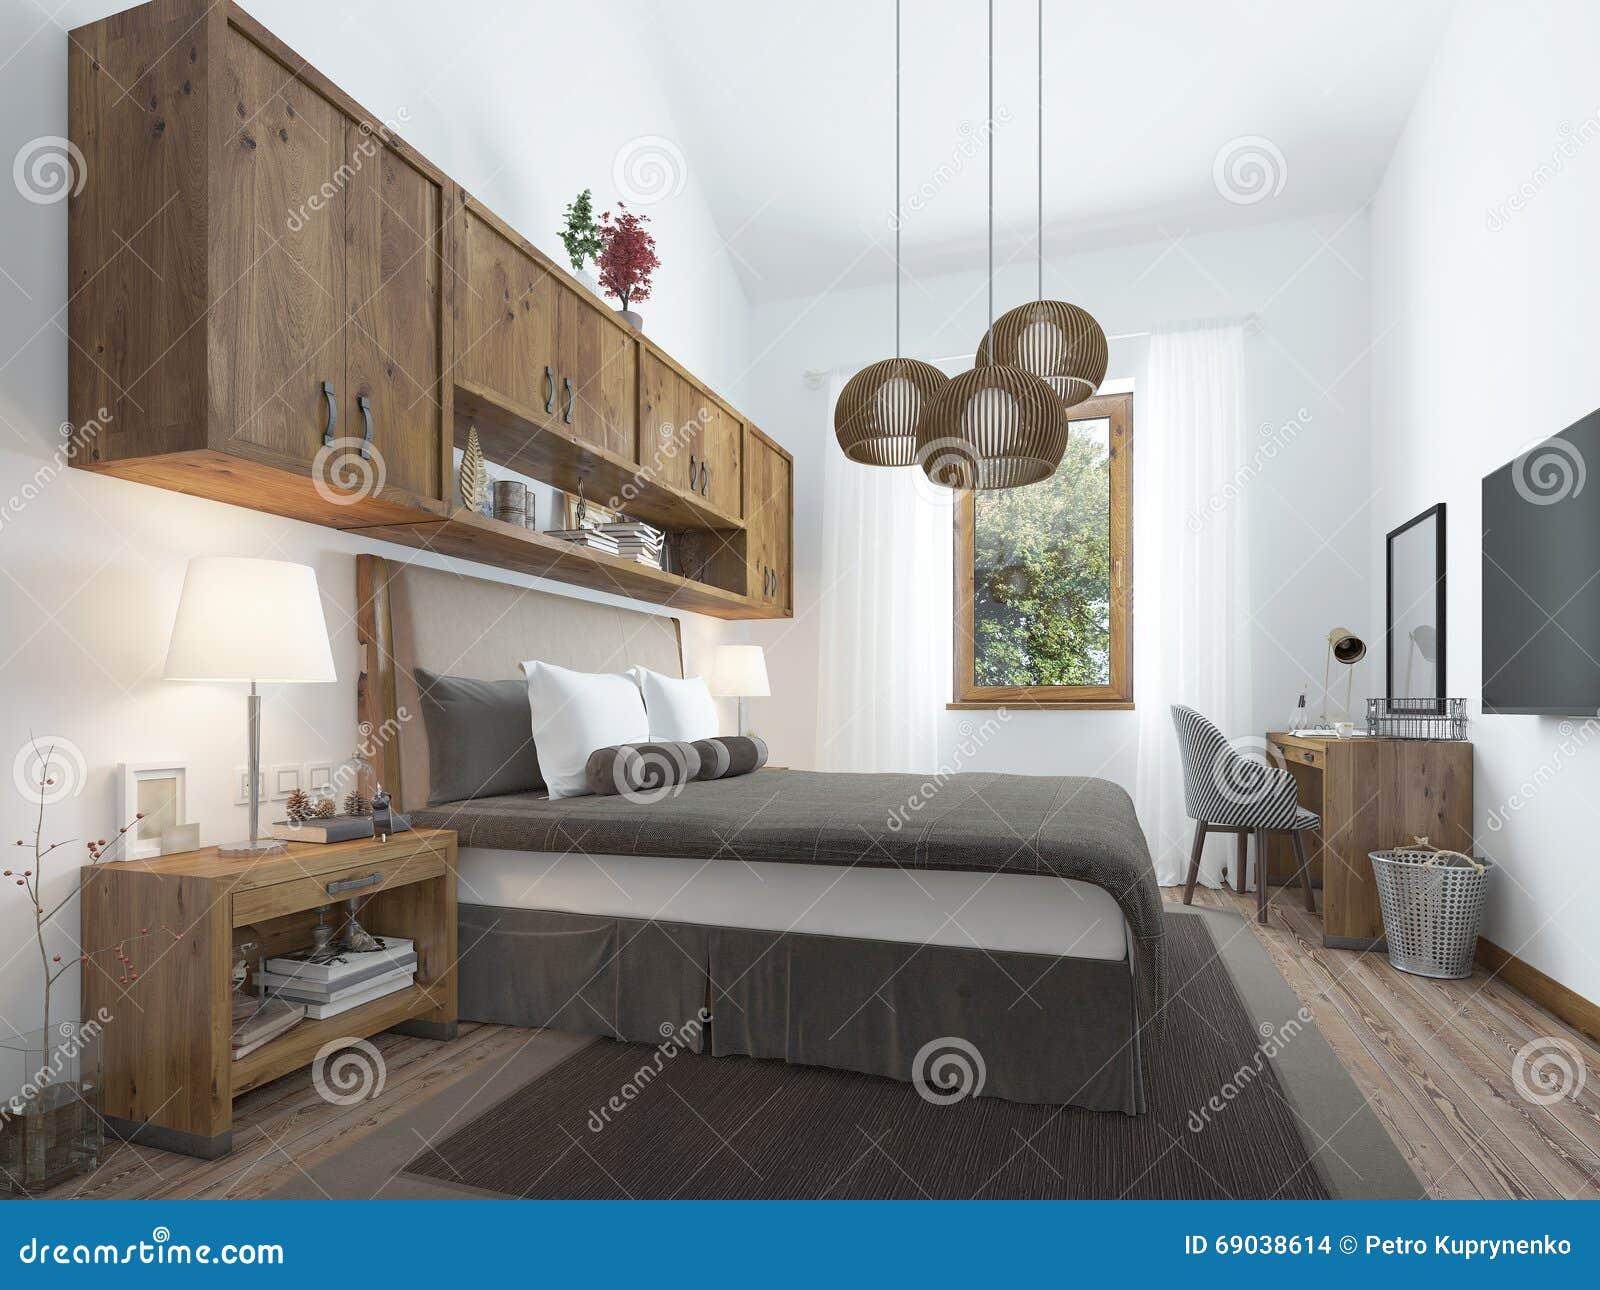 Chambre coucher de style du grenier avec les meubles en bois et les murs blancs illustration - Les chambre a coucher en bois ...